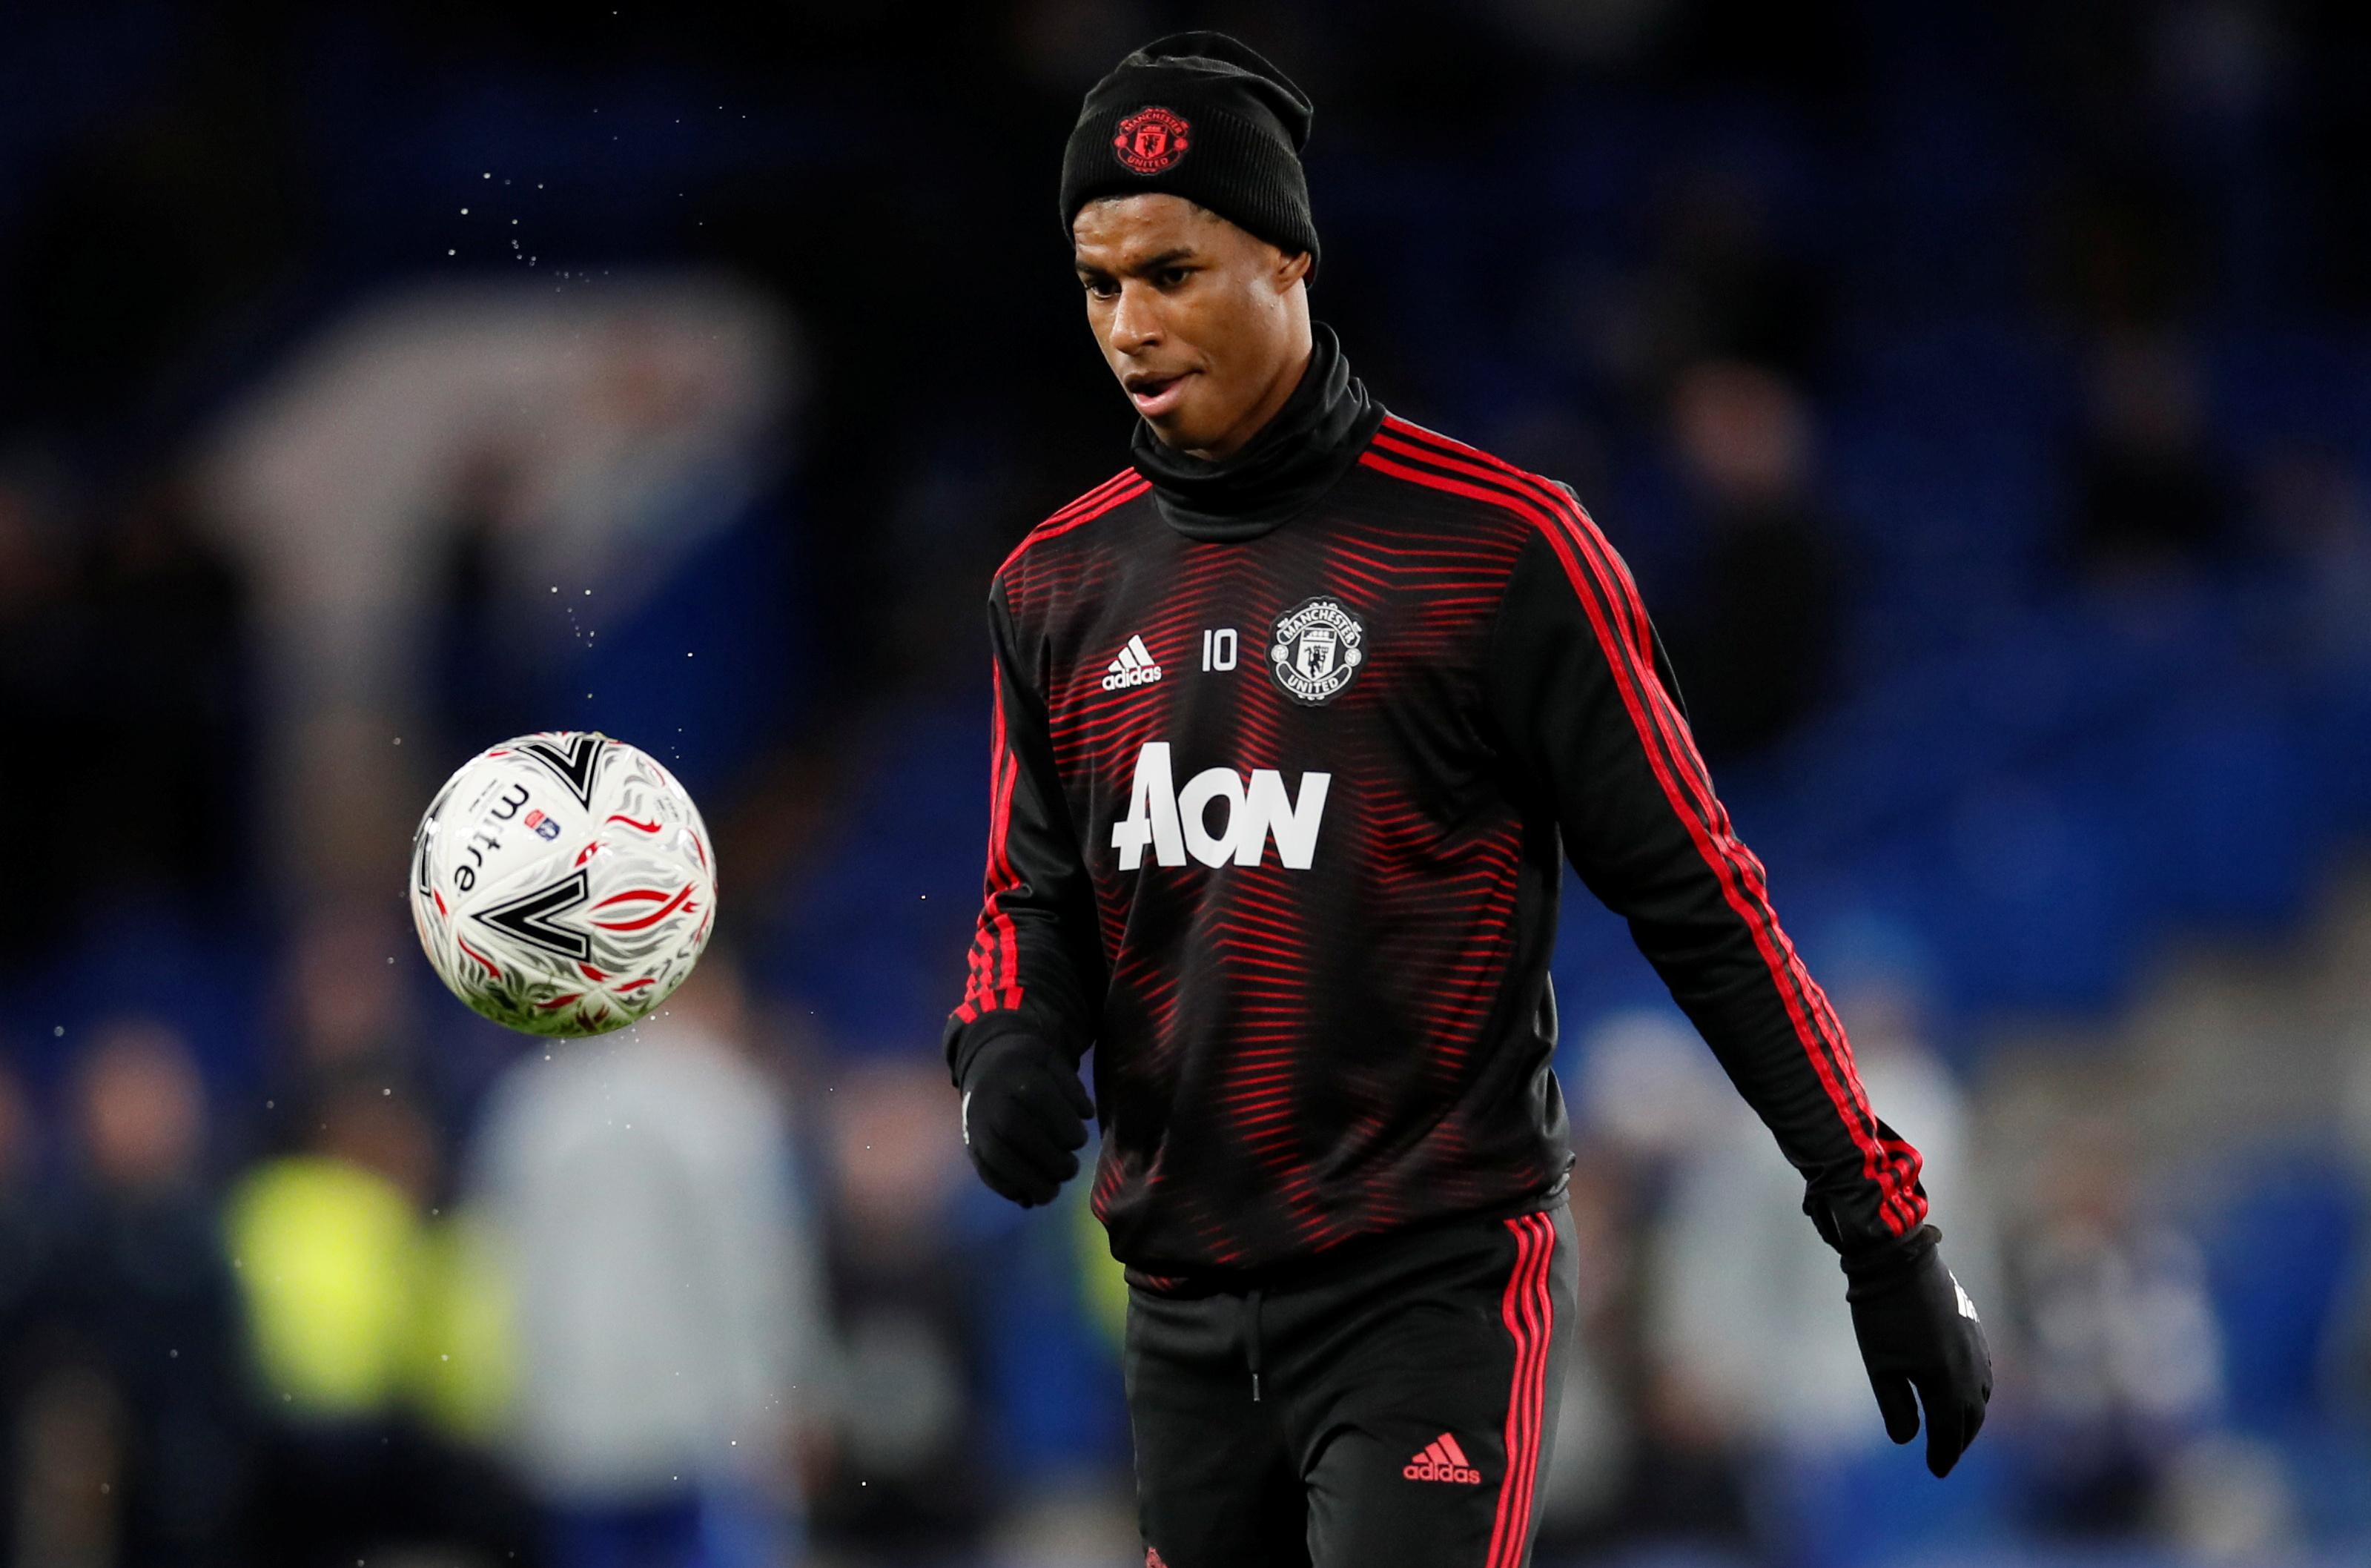 Manchester United Rashford Hd Football